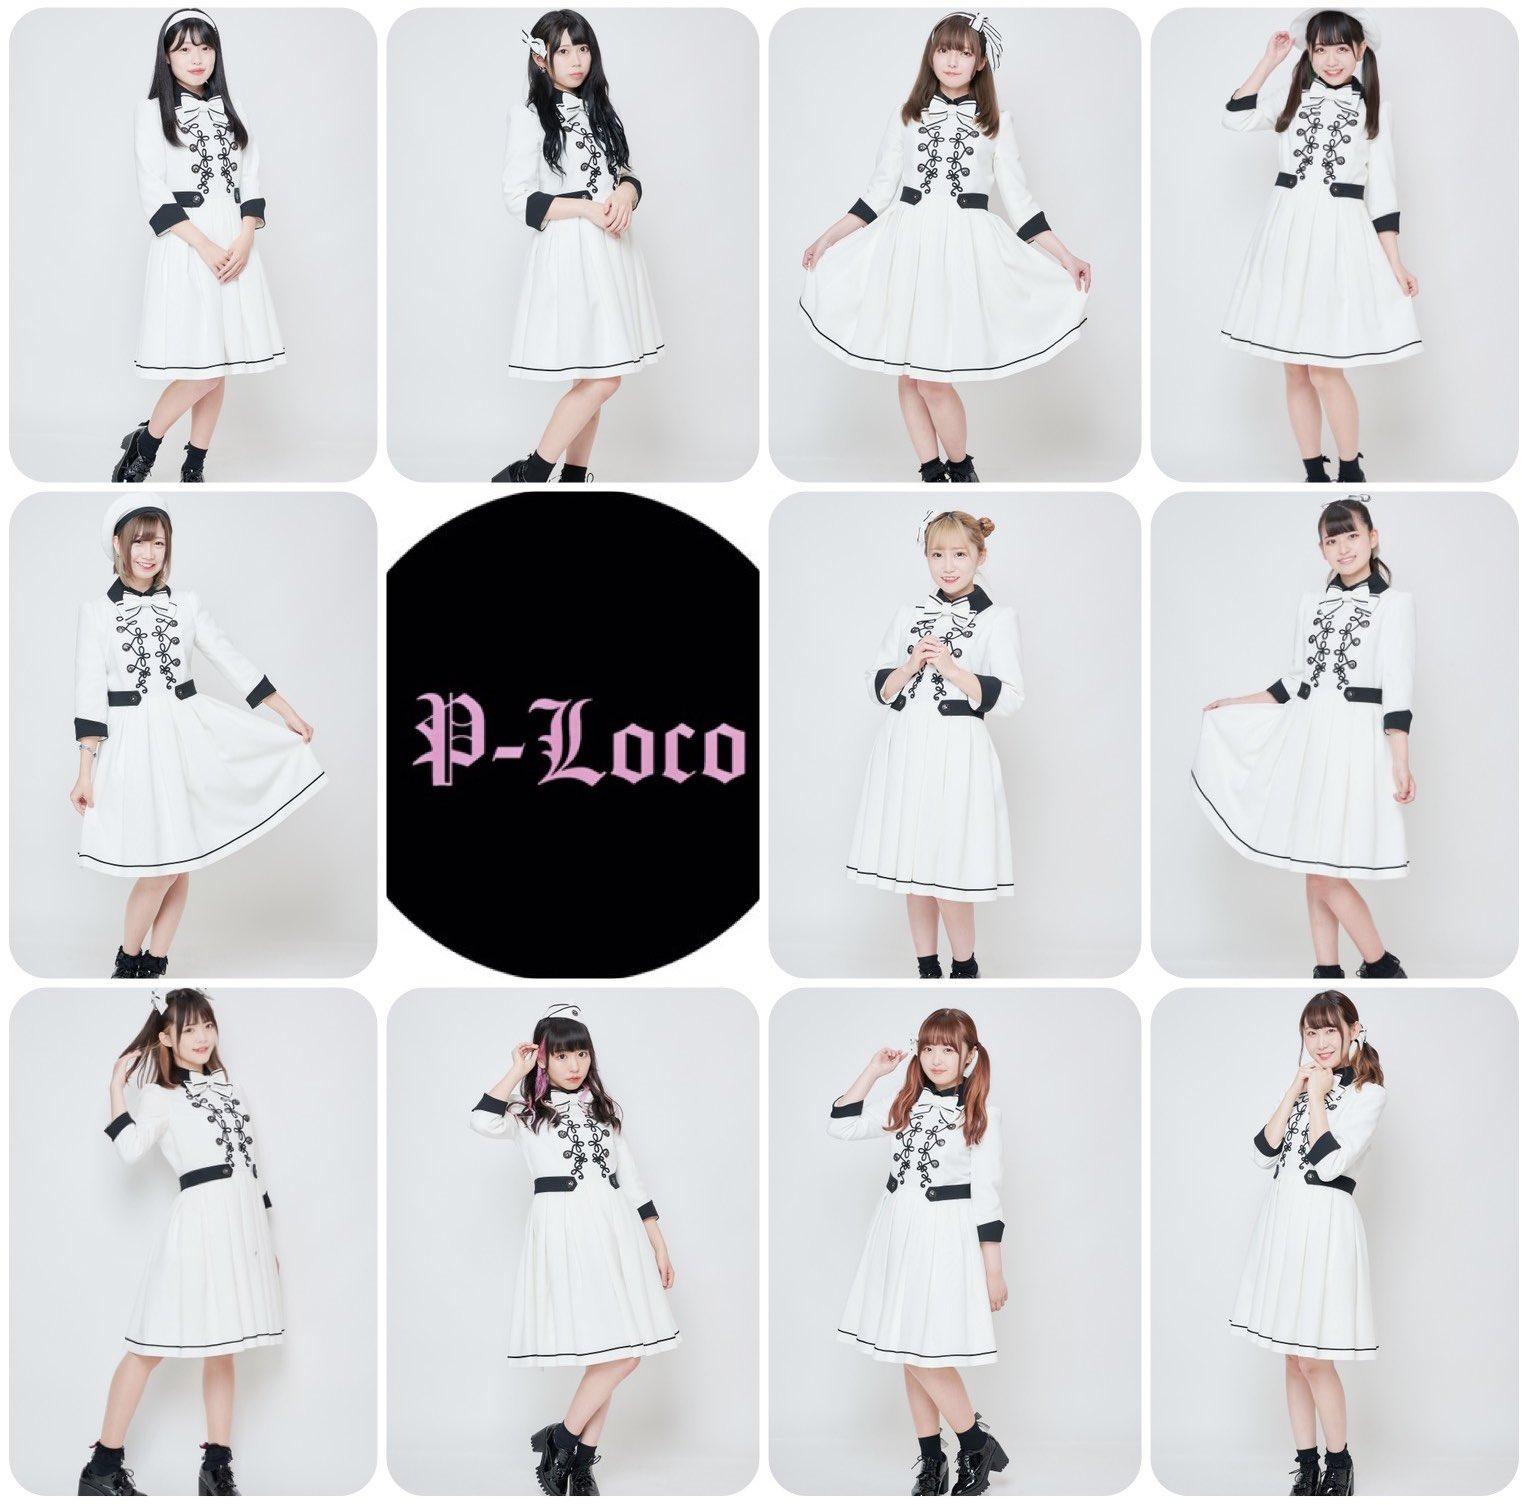 P-Locoさん17回目の衣装♪